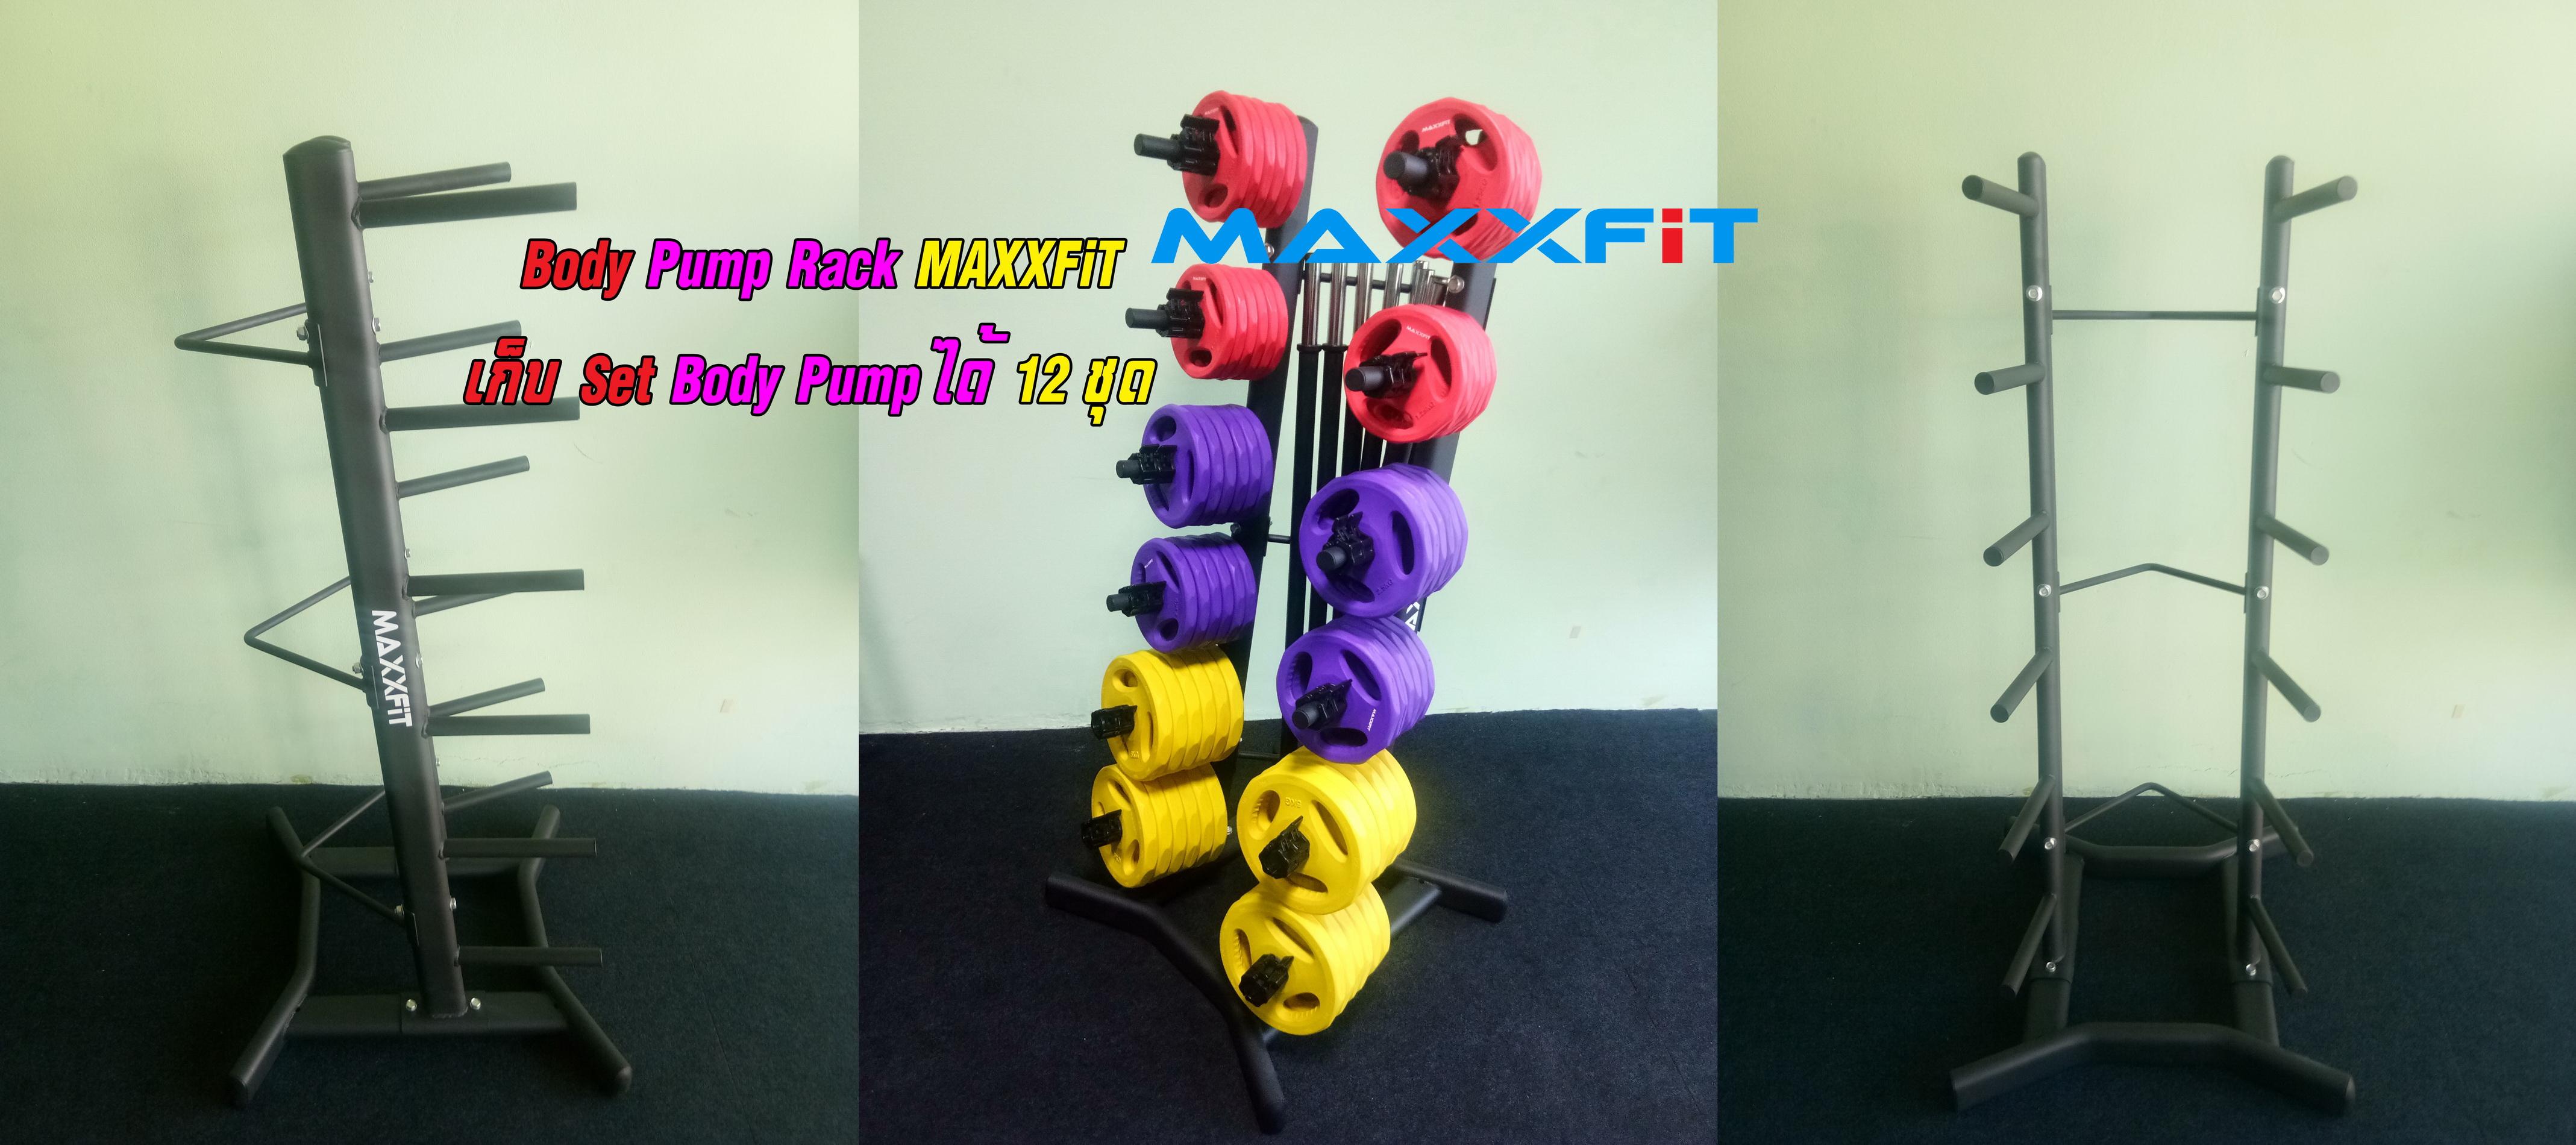 ขาย Body Pump Rack MAXXFiT สามารถเก็บ SET Body Pump MAXXFiT 20 KG. ได้ 12 ชุด